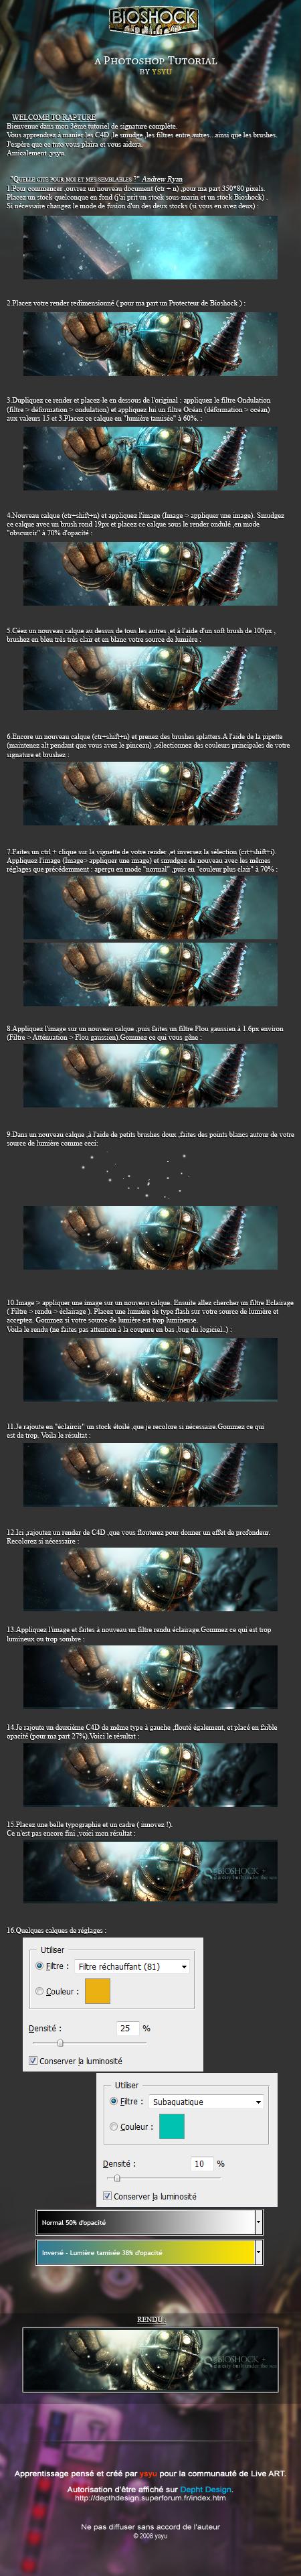 FR tuto : Bioshock tag